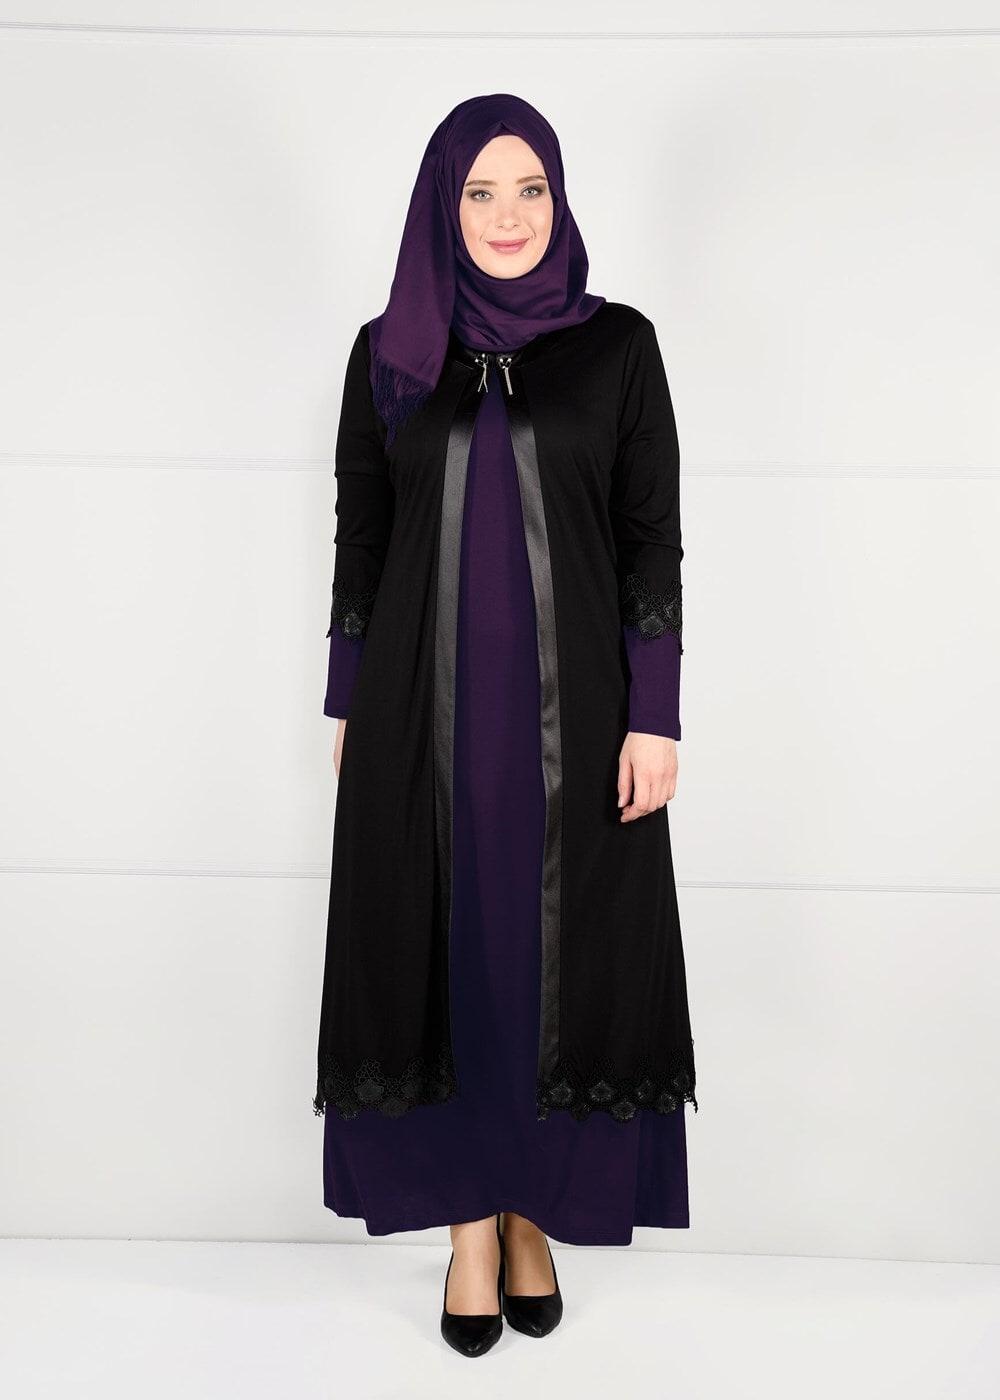 Bayan MOR DERİ BİYE ŞERİTLİ GÜPÜRLÜ 2Lİ ELBİSELİ TAKIM 2657